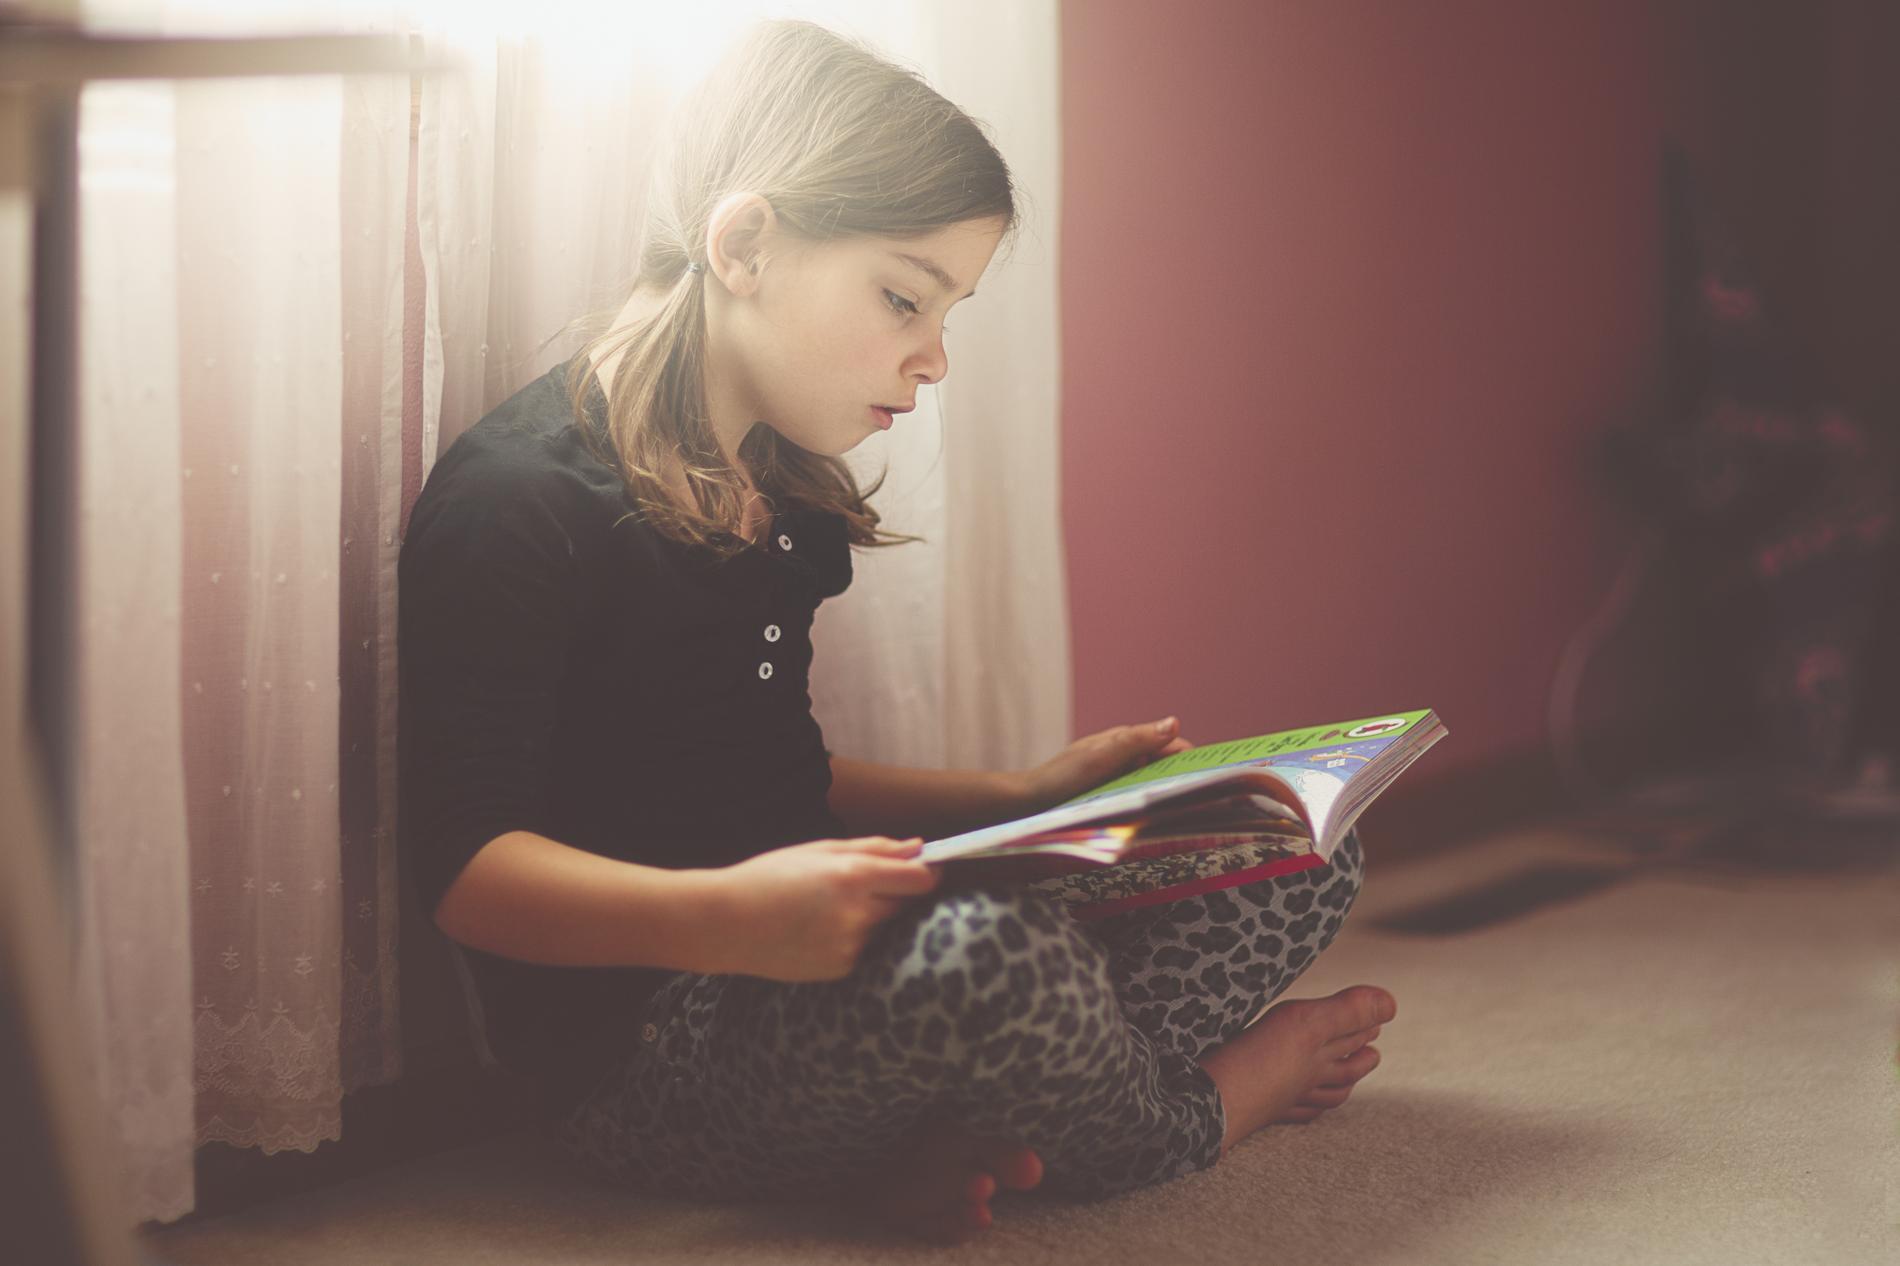 Chaque jour, un enfant passerait en moyenne 2 h 15 devant la télévision, au  lieu de lire ou de jouer avec ses copains. 17cd28663bd8